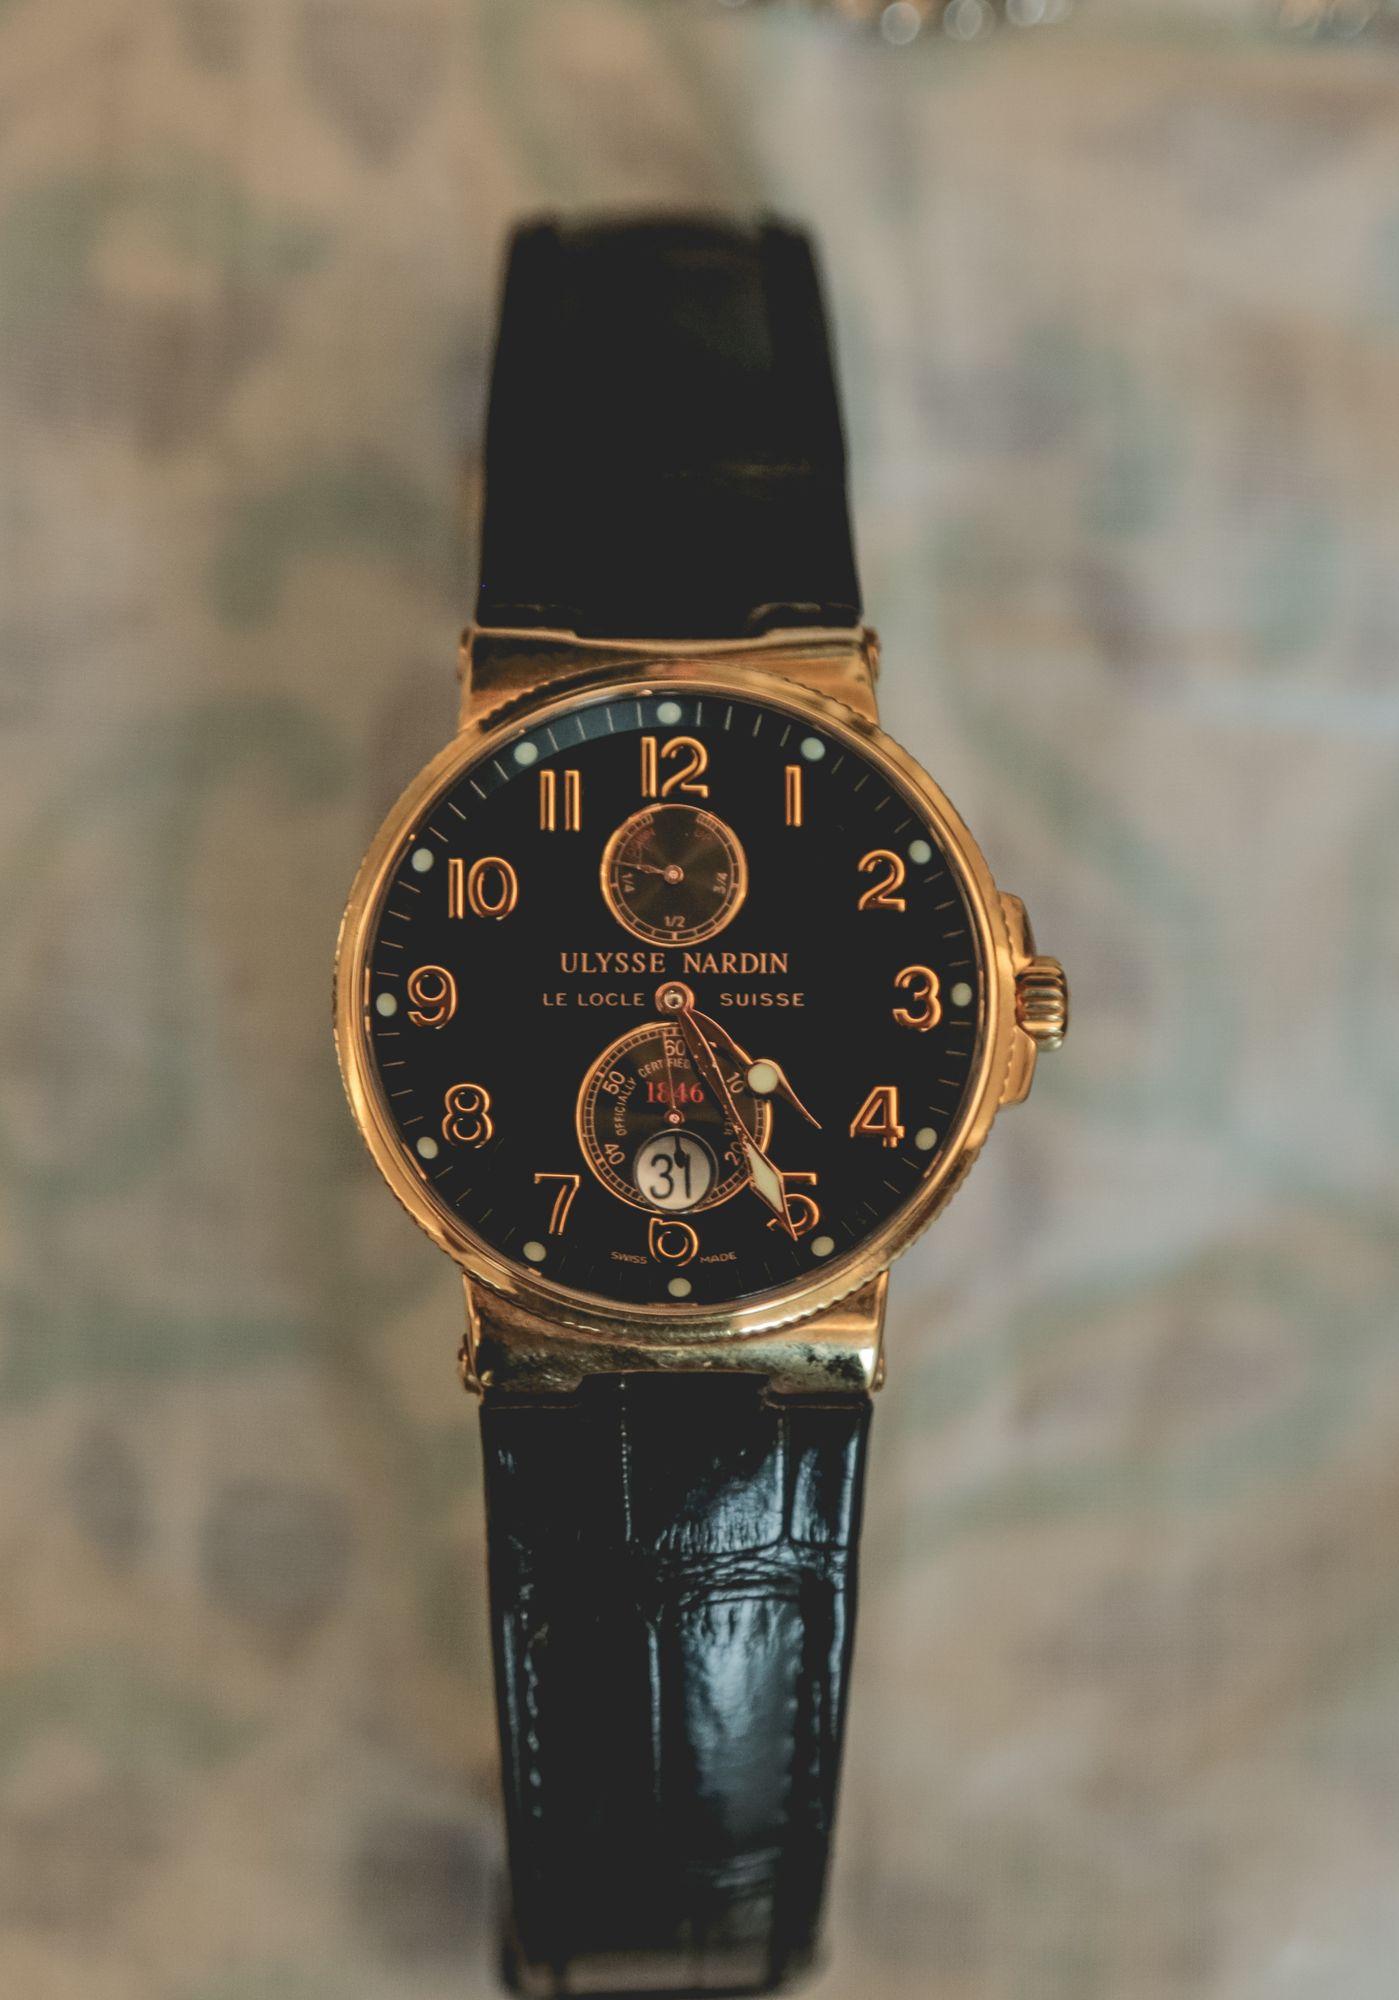 DILJEET TITUS 10 - Talking watches with Diljeet Titus